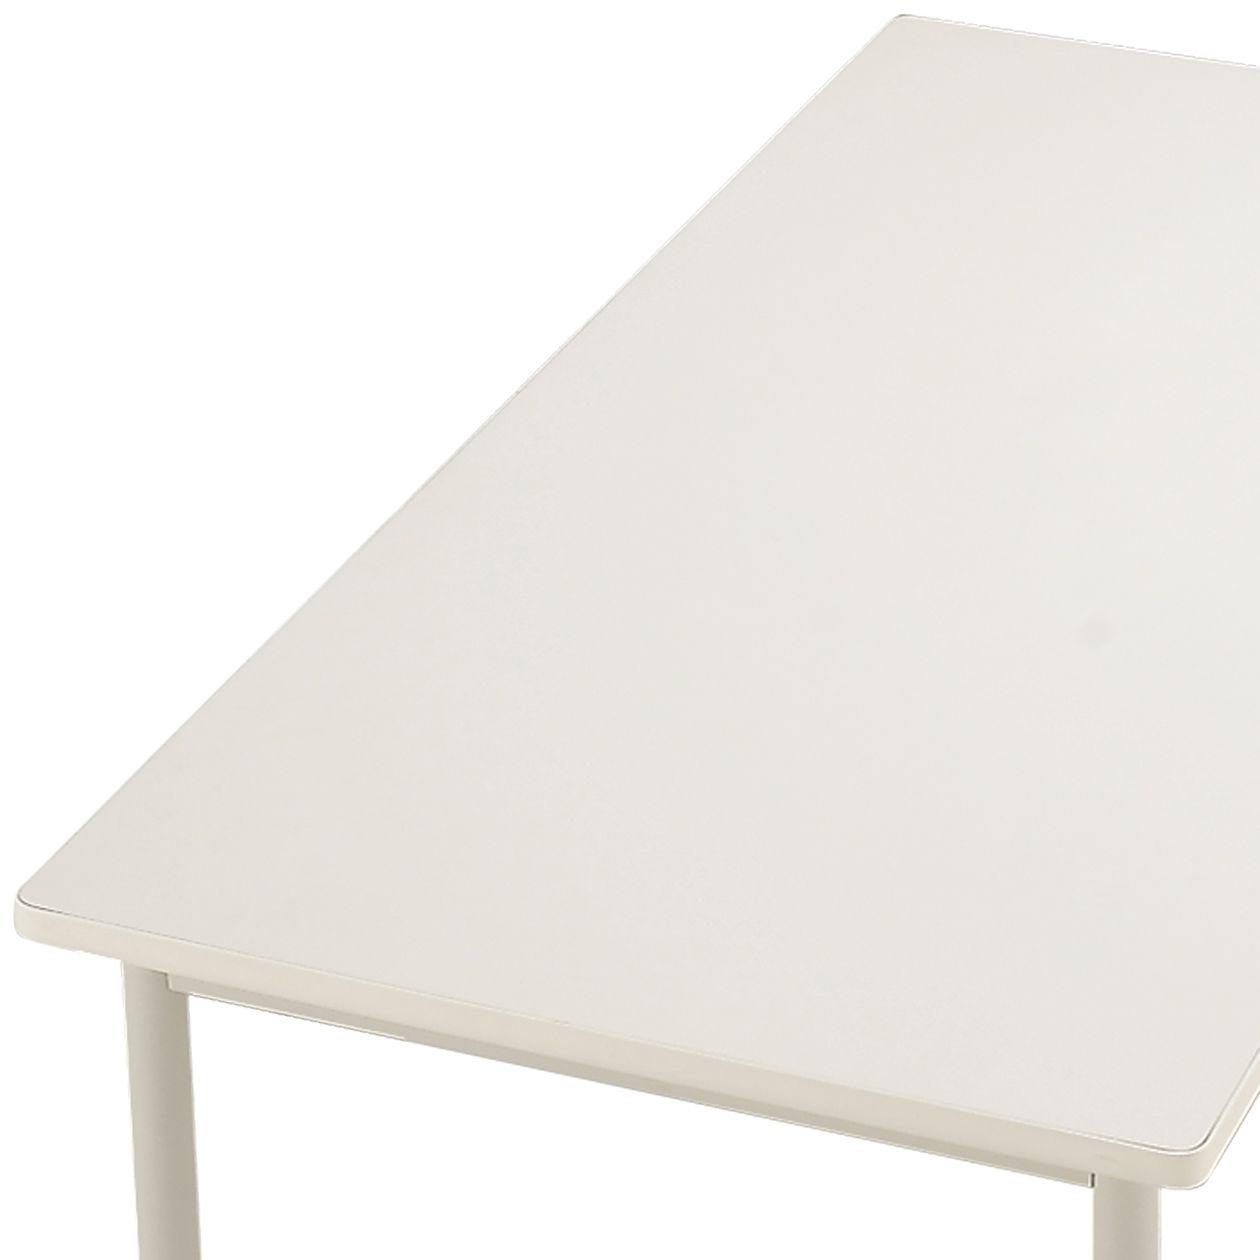 デスク天板 メラミン 幅150cm 白 システムタイプ 幅150 奥行60 厚み2cm 無印良品ネットストア 無印良品 無印 インテリア 小物